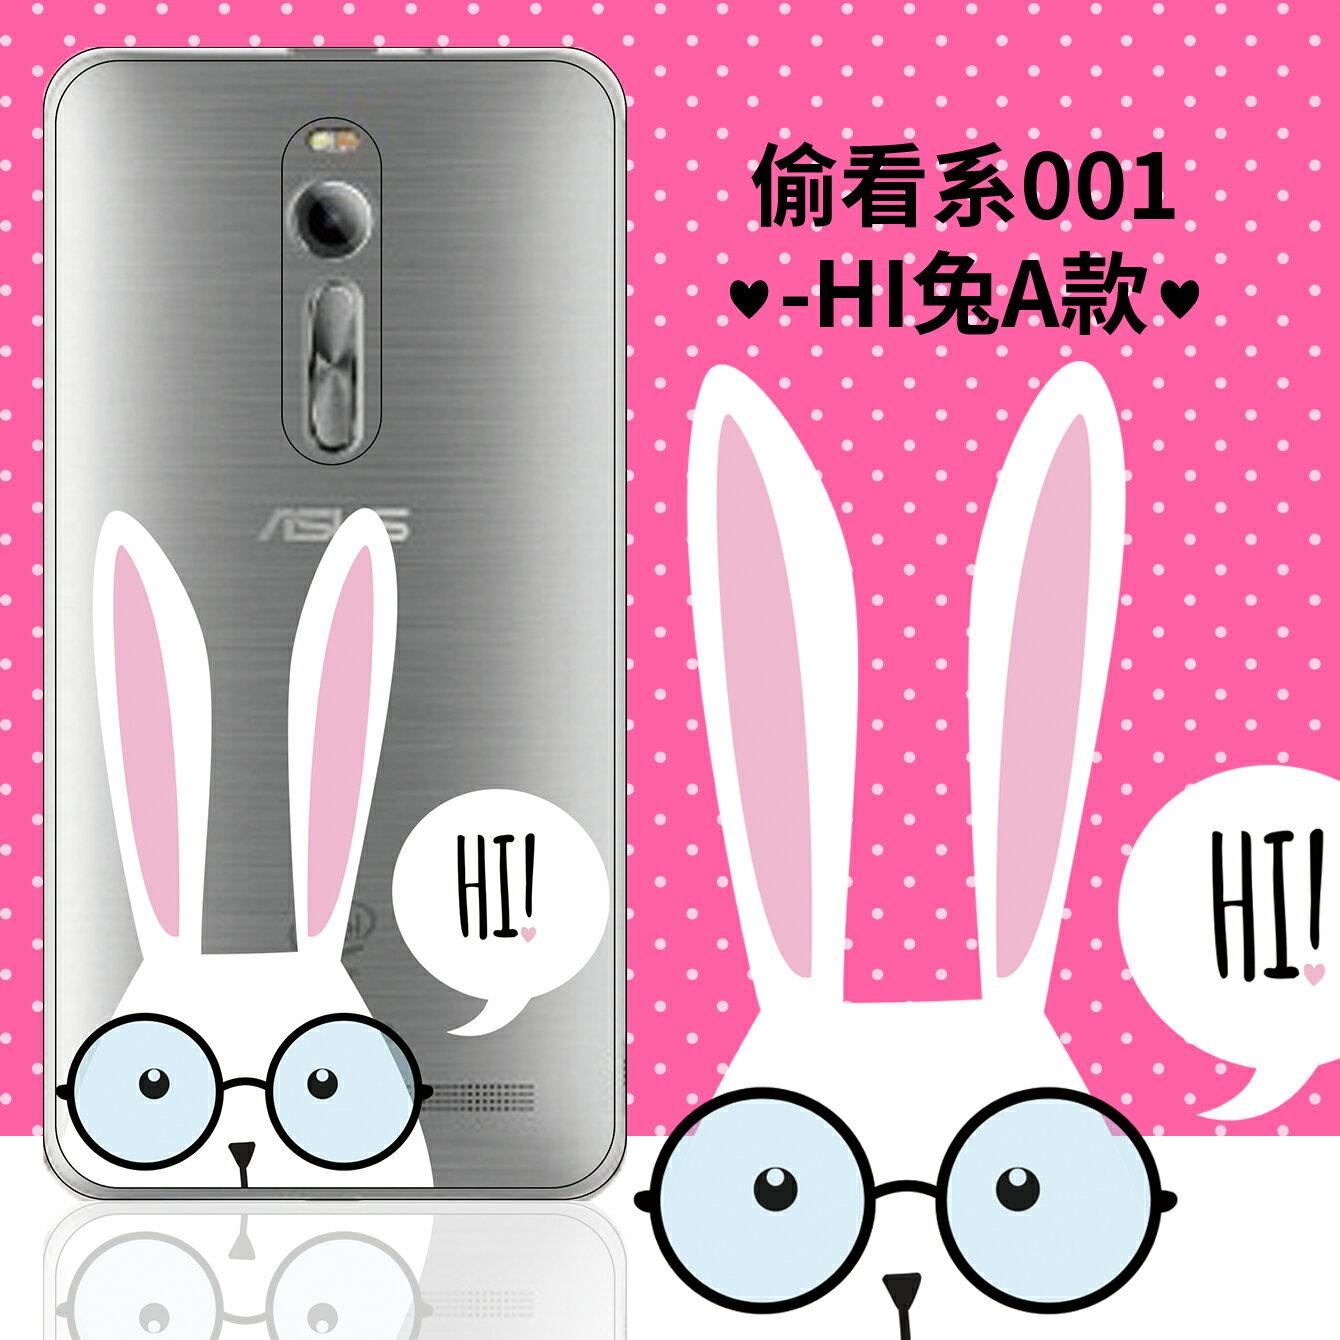 [ASUS] ✨ 偷看系透明軟殼 ✨ 日本工藝超精細[ZenFone2 Selfie,ZenFone2 go,ZenFone2 5吋,ZenFone2 5.5吋,ZenFone2 Laser 5吋,ZenFone2 Laser 5.5吋,ZenFone2 Laser 6吋,ZenFone6]